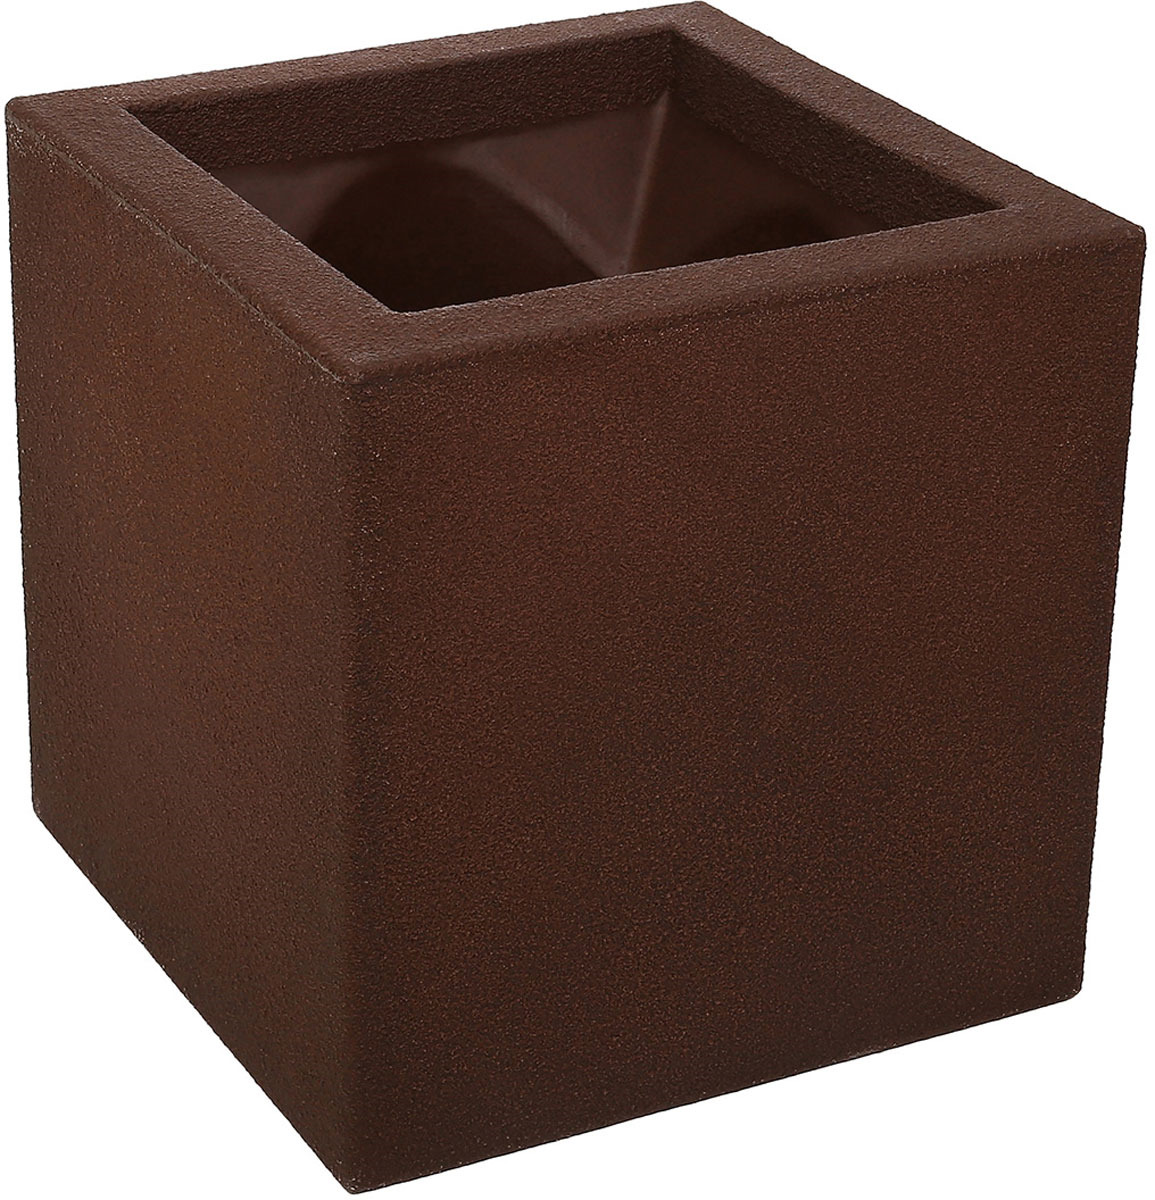 Кашпо для растений Roto Alibunar Planter Tango, цвет: коричневый бочка для воды roto alibunar water barrel 50 л